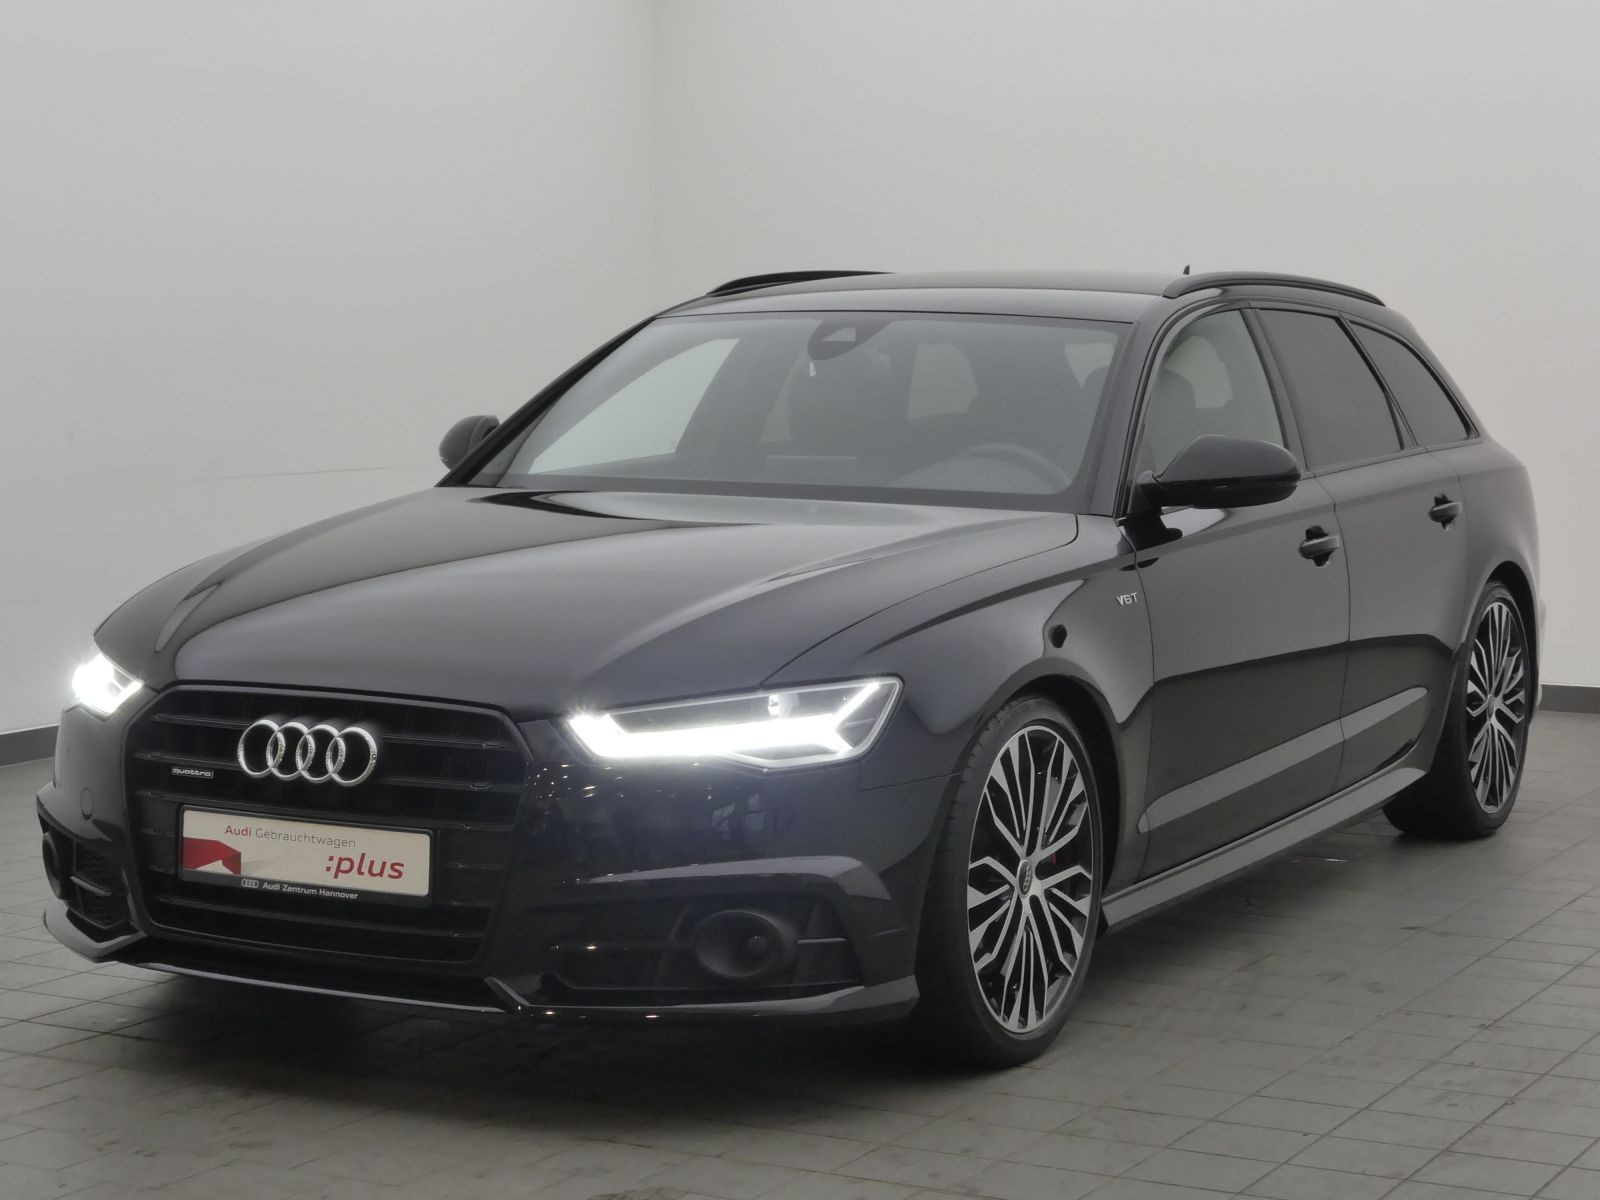 Audi A6 Avant 3.0 TDI qu.S line Standh.Matrix ACC Kamera Navi, Jahr 2018, Diesel